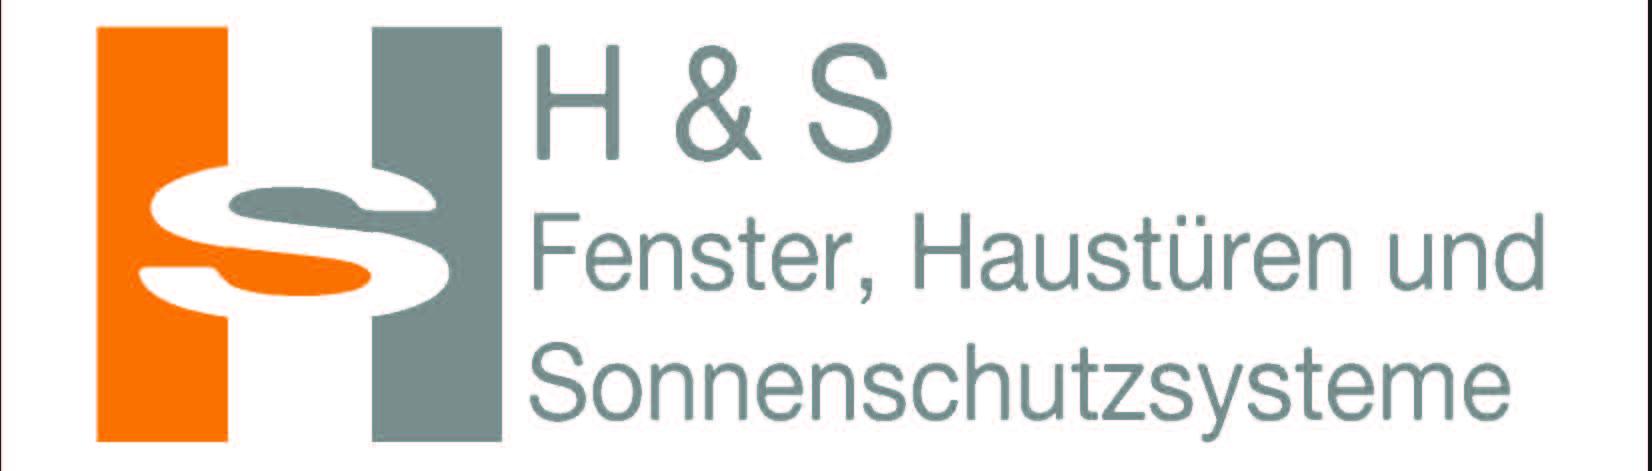 H&S Fenster, Haustüren und Sonnenschutzsysteme